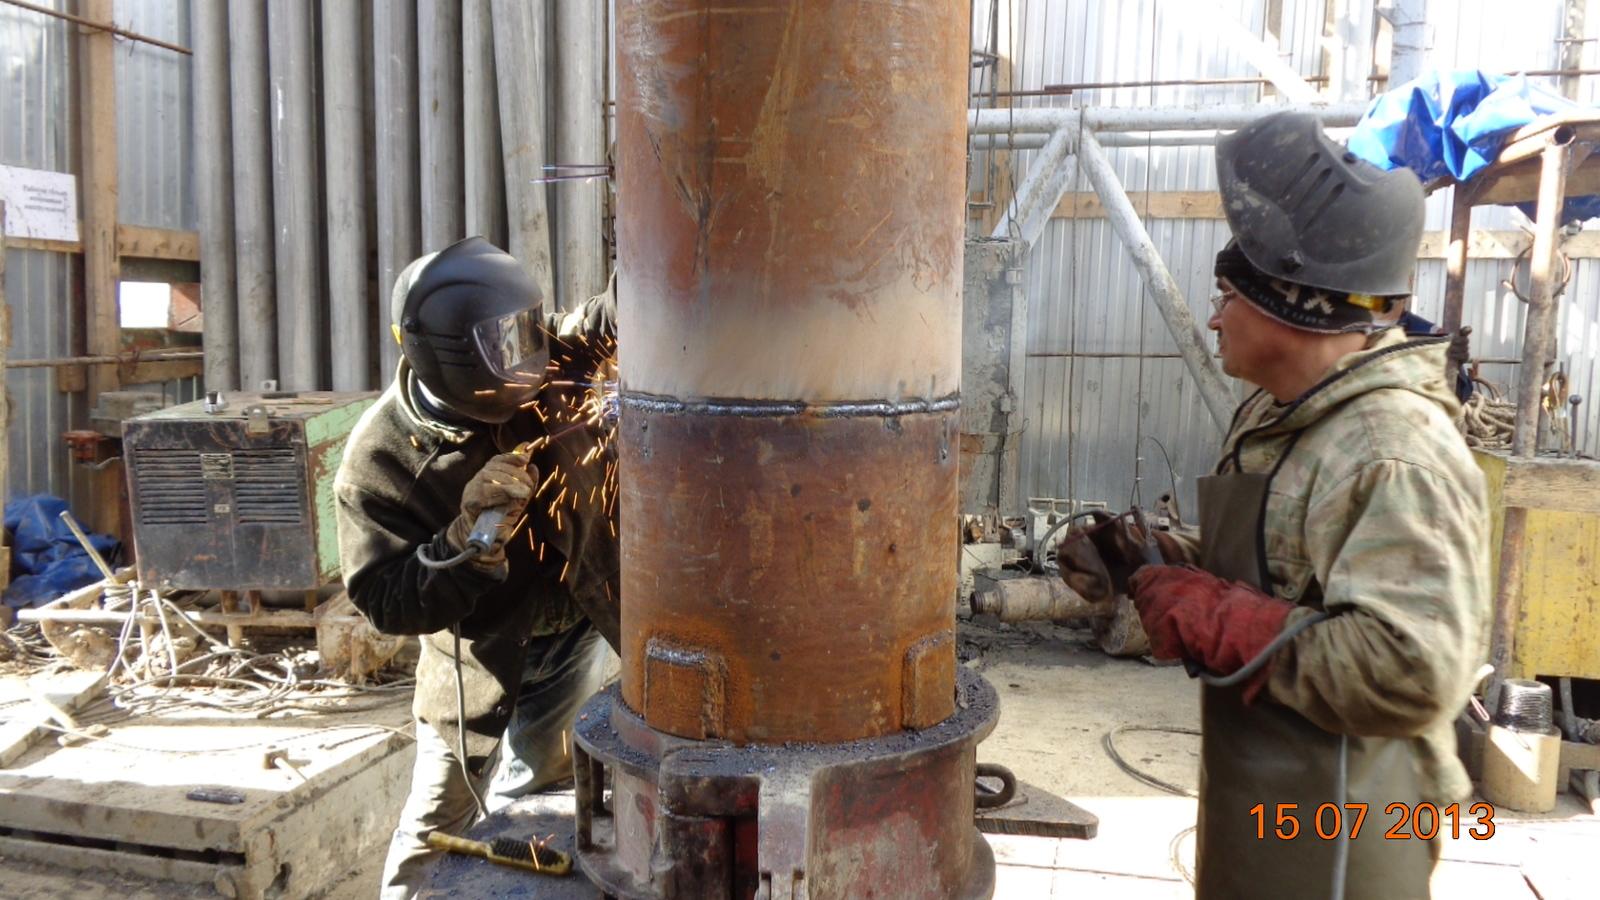 Об уменьшении квоты для иностранной рабочей силы заявили власти Западного Казахстана